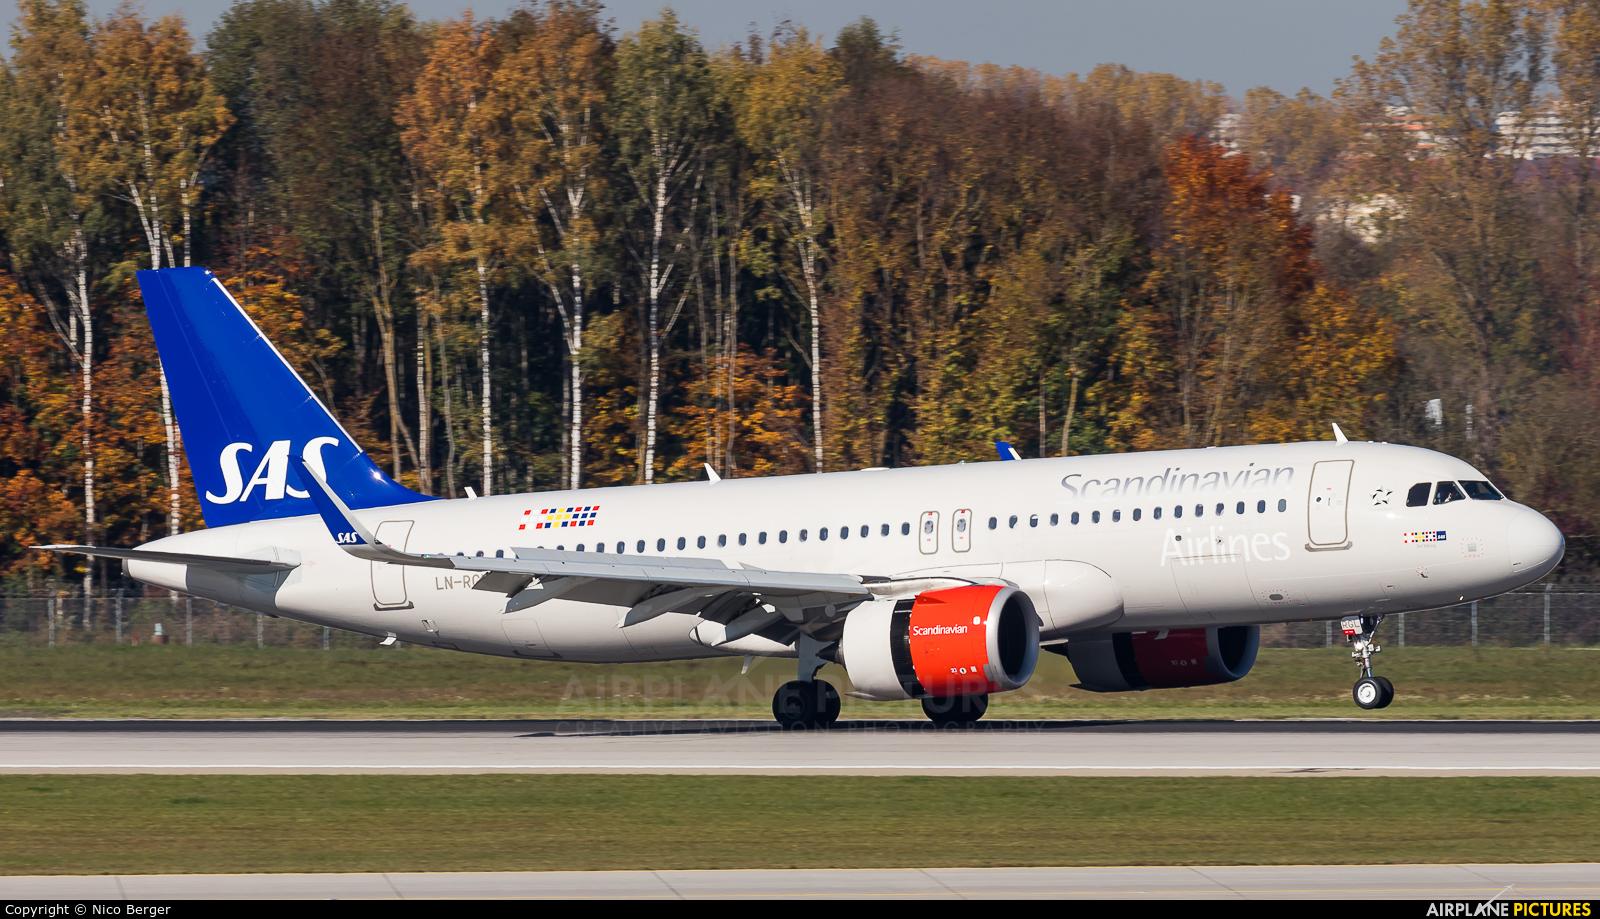 SAS - Scandinavian Airlines LN-RGL aircraft at Munich